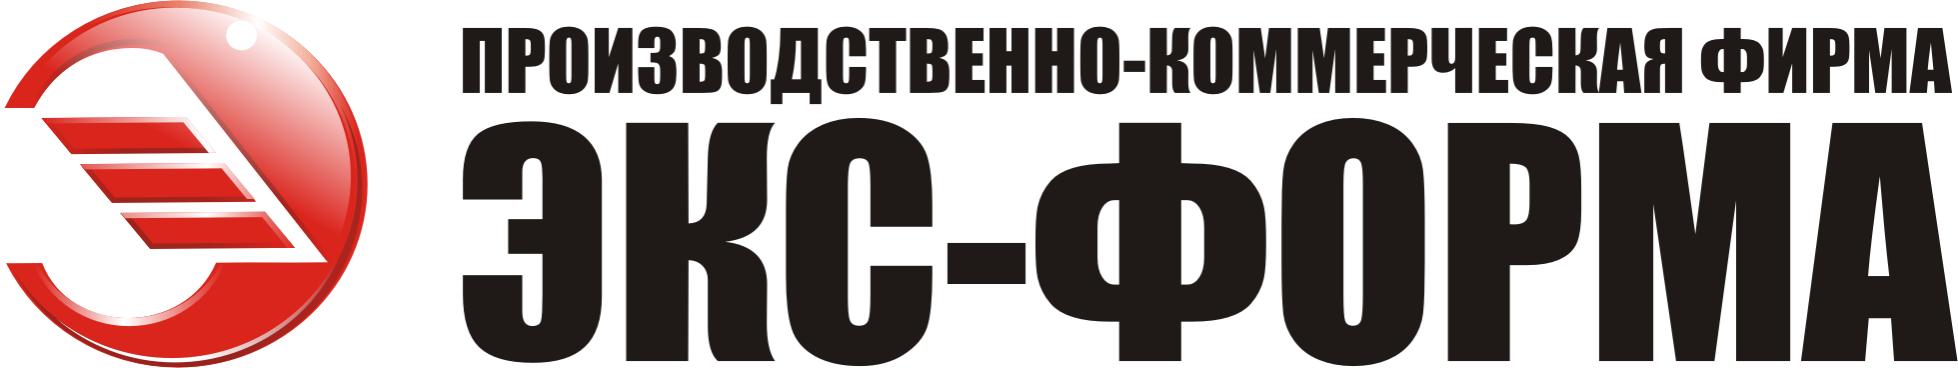 Шаровые краны ГШК: технология, проверенная временем